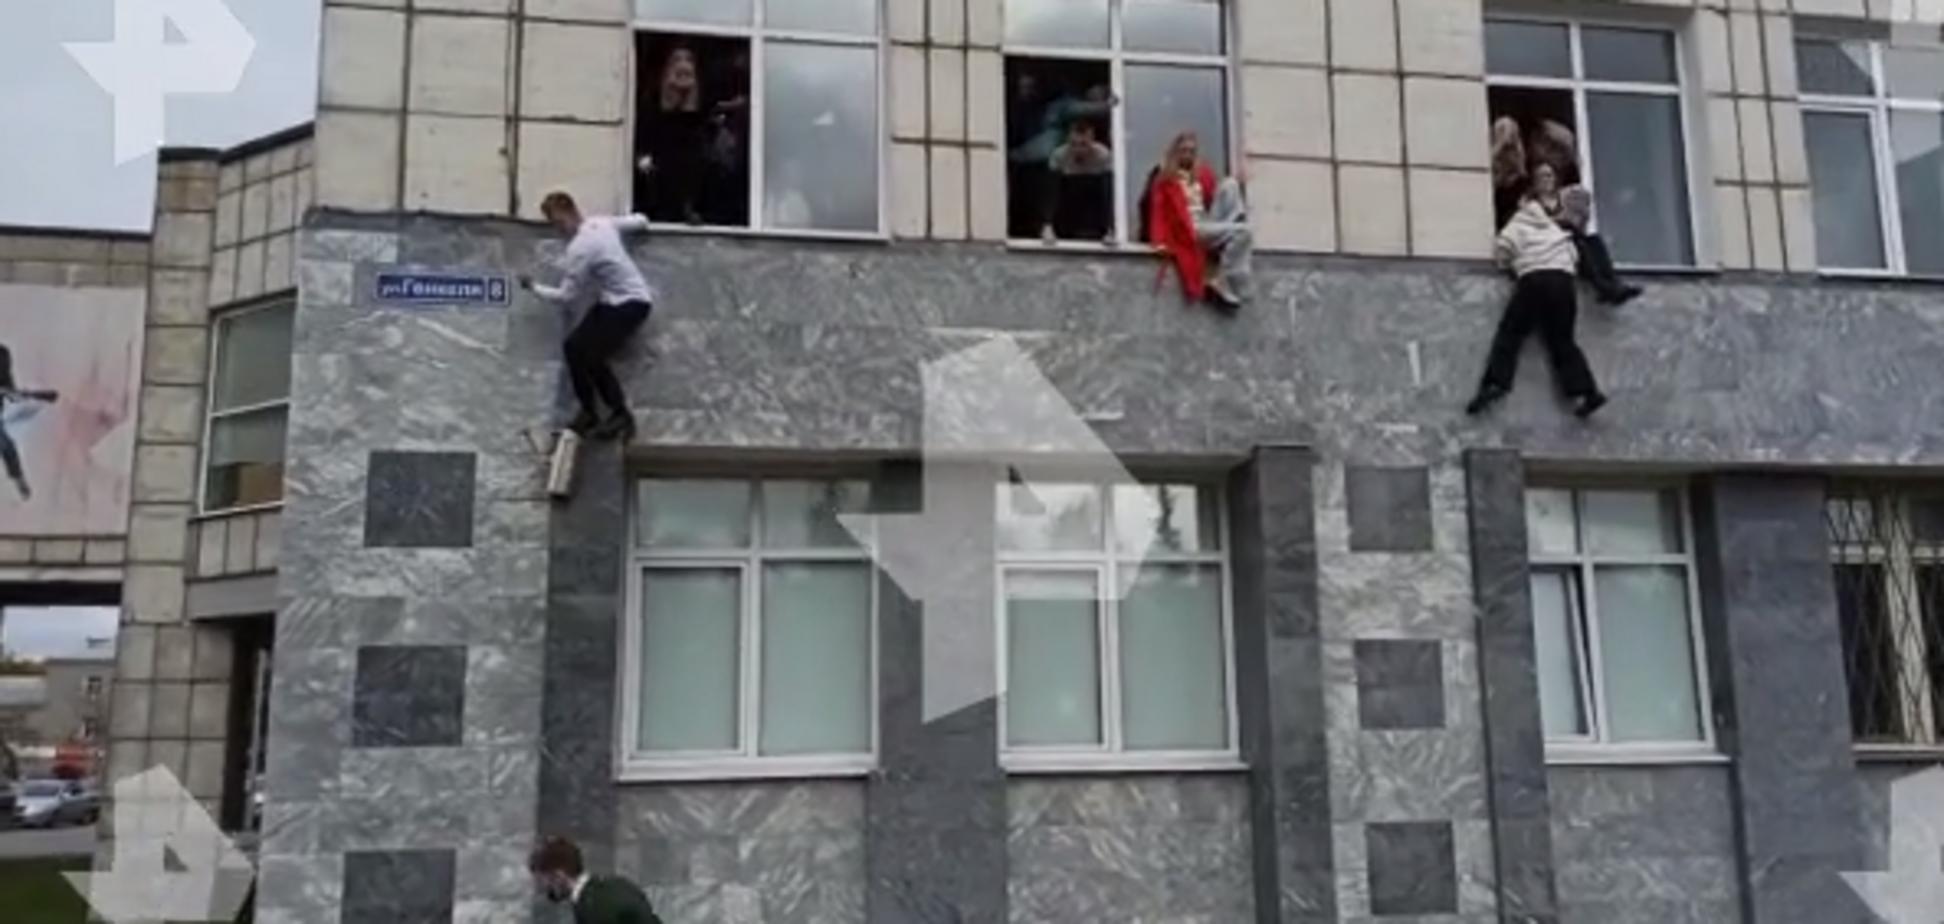 Студенти вистрибують з вікон, щоб врятуватися